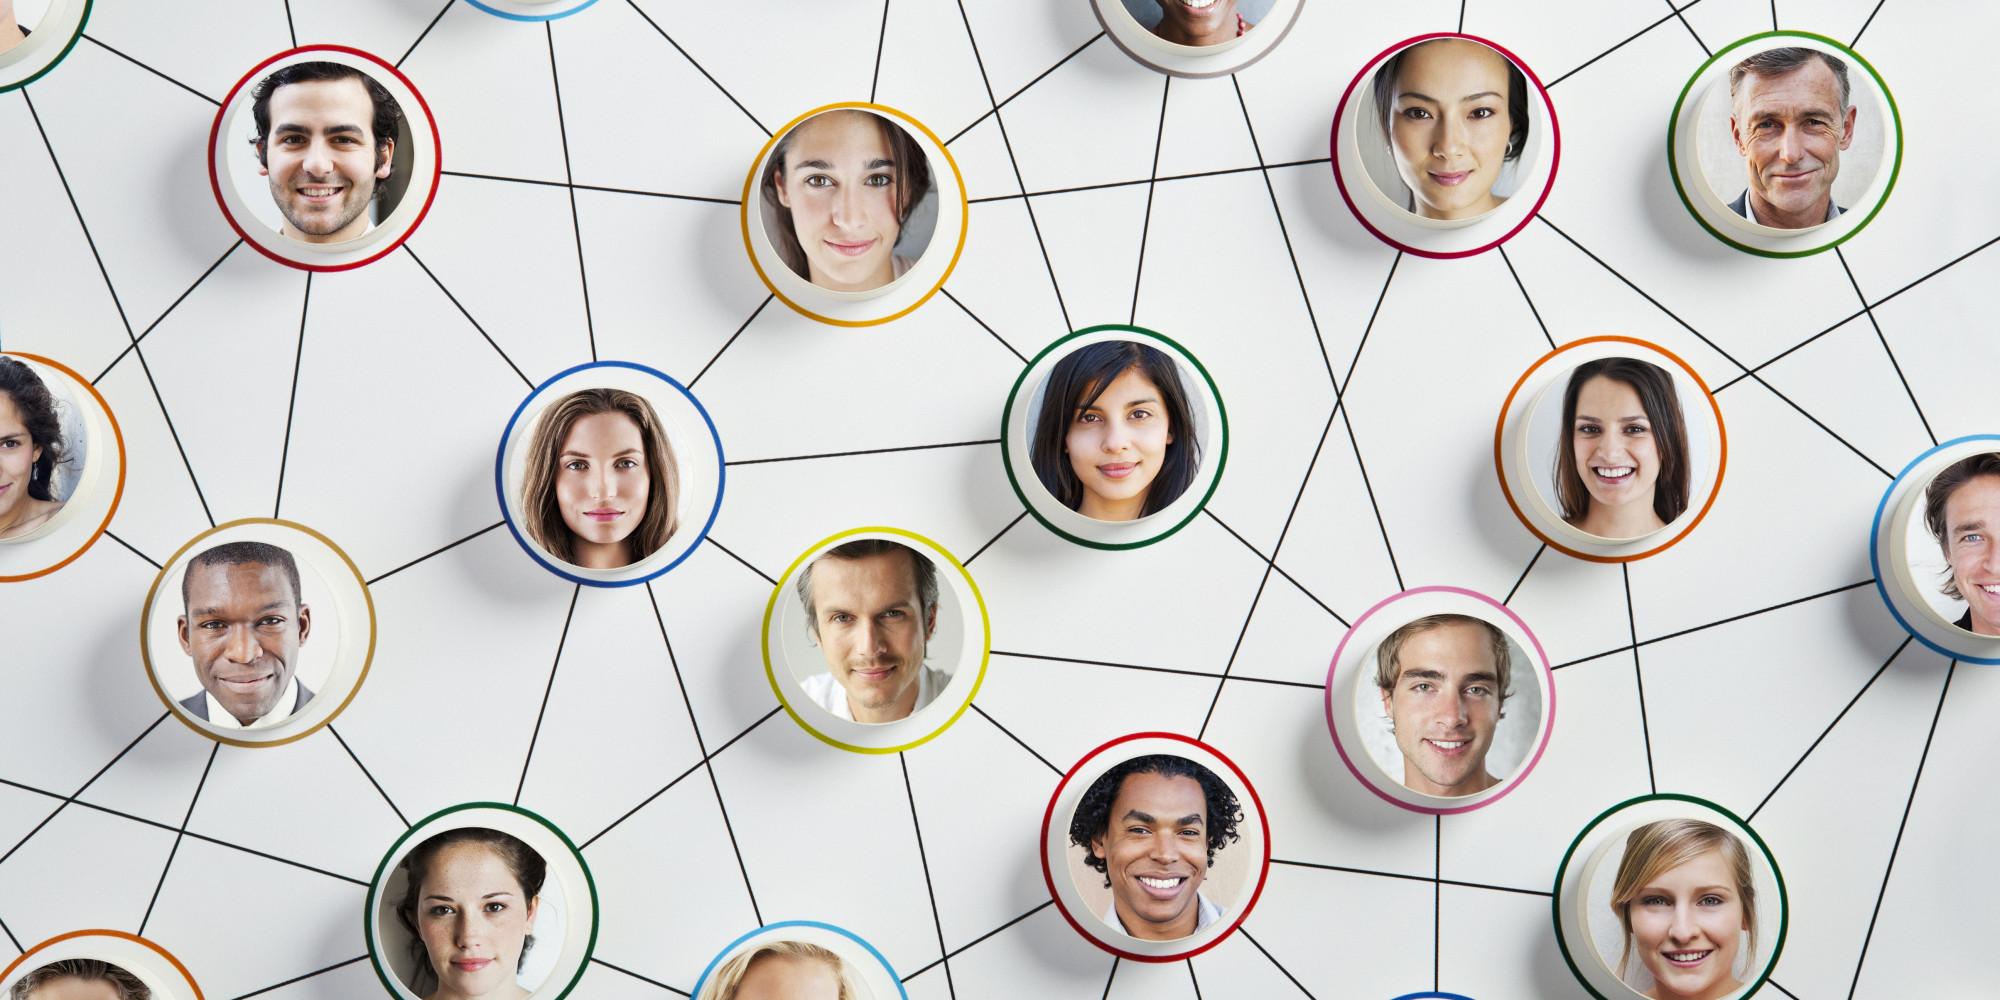 Истражување: Без Фејсбук луѓето се посреќни